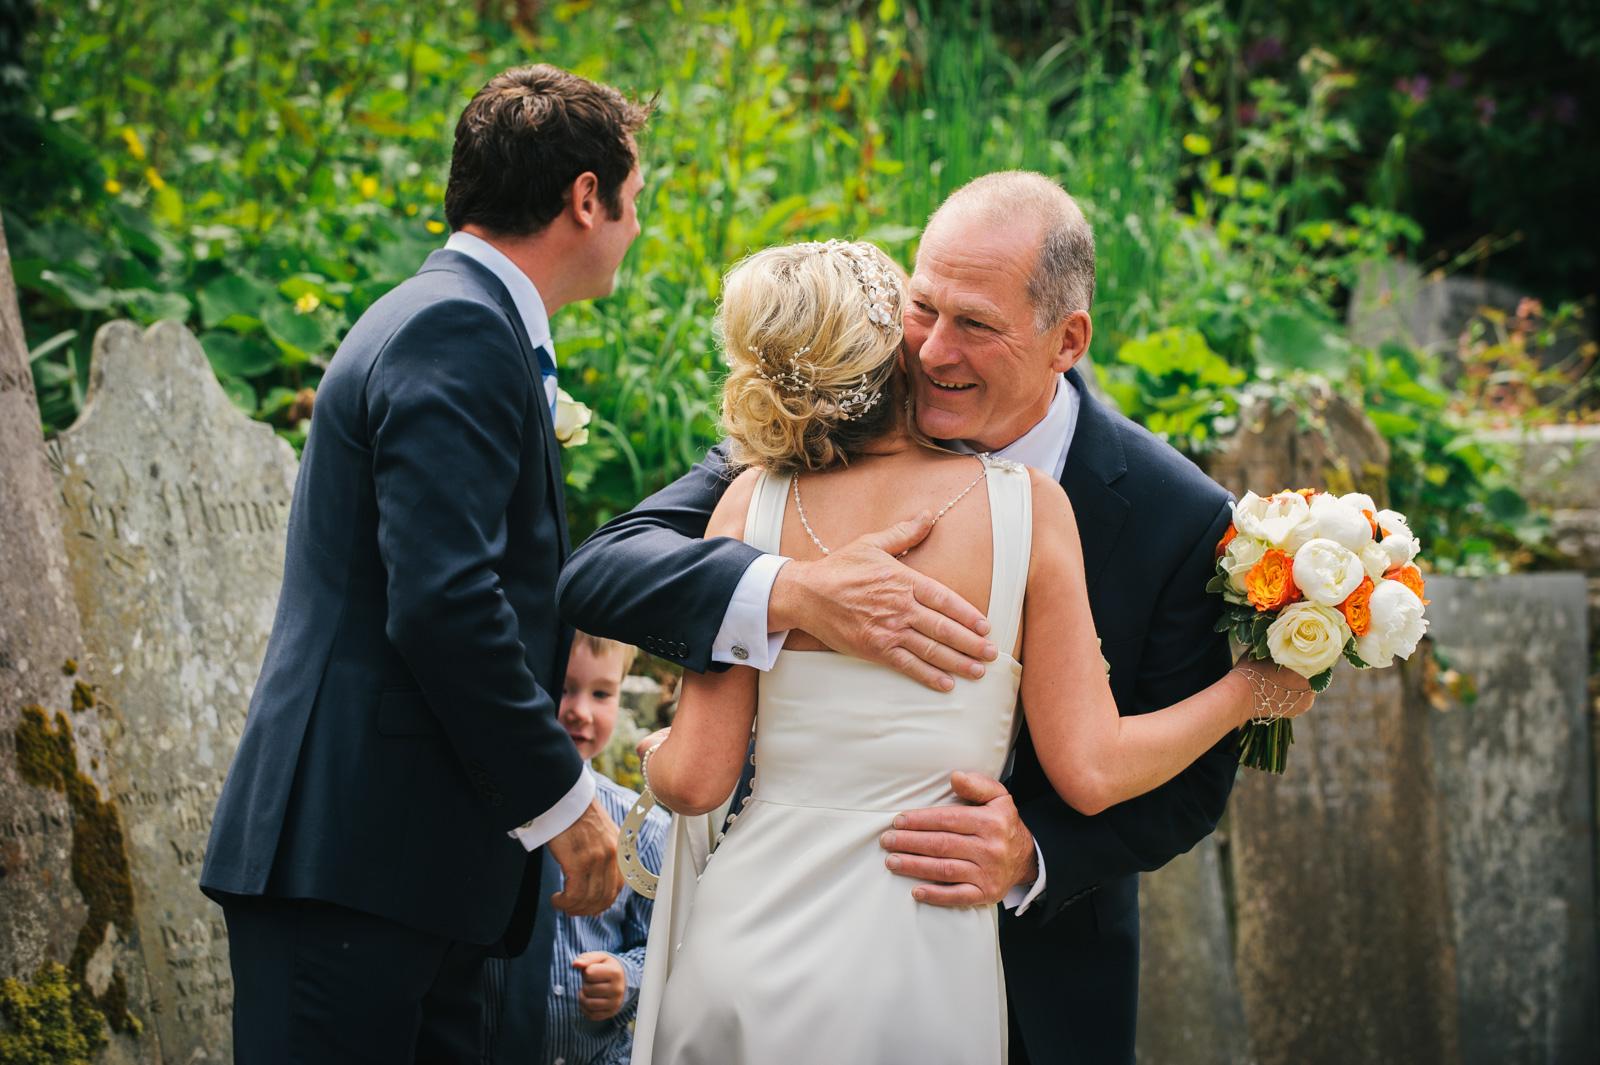 mylor-church-wedding-56.jpg